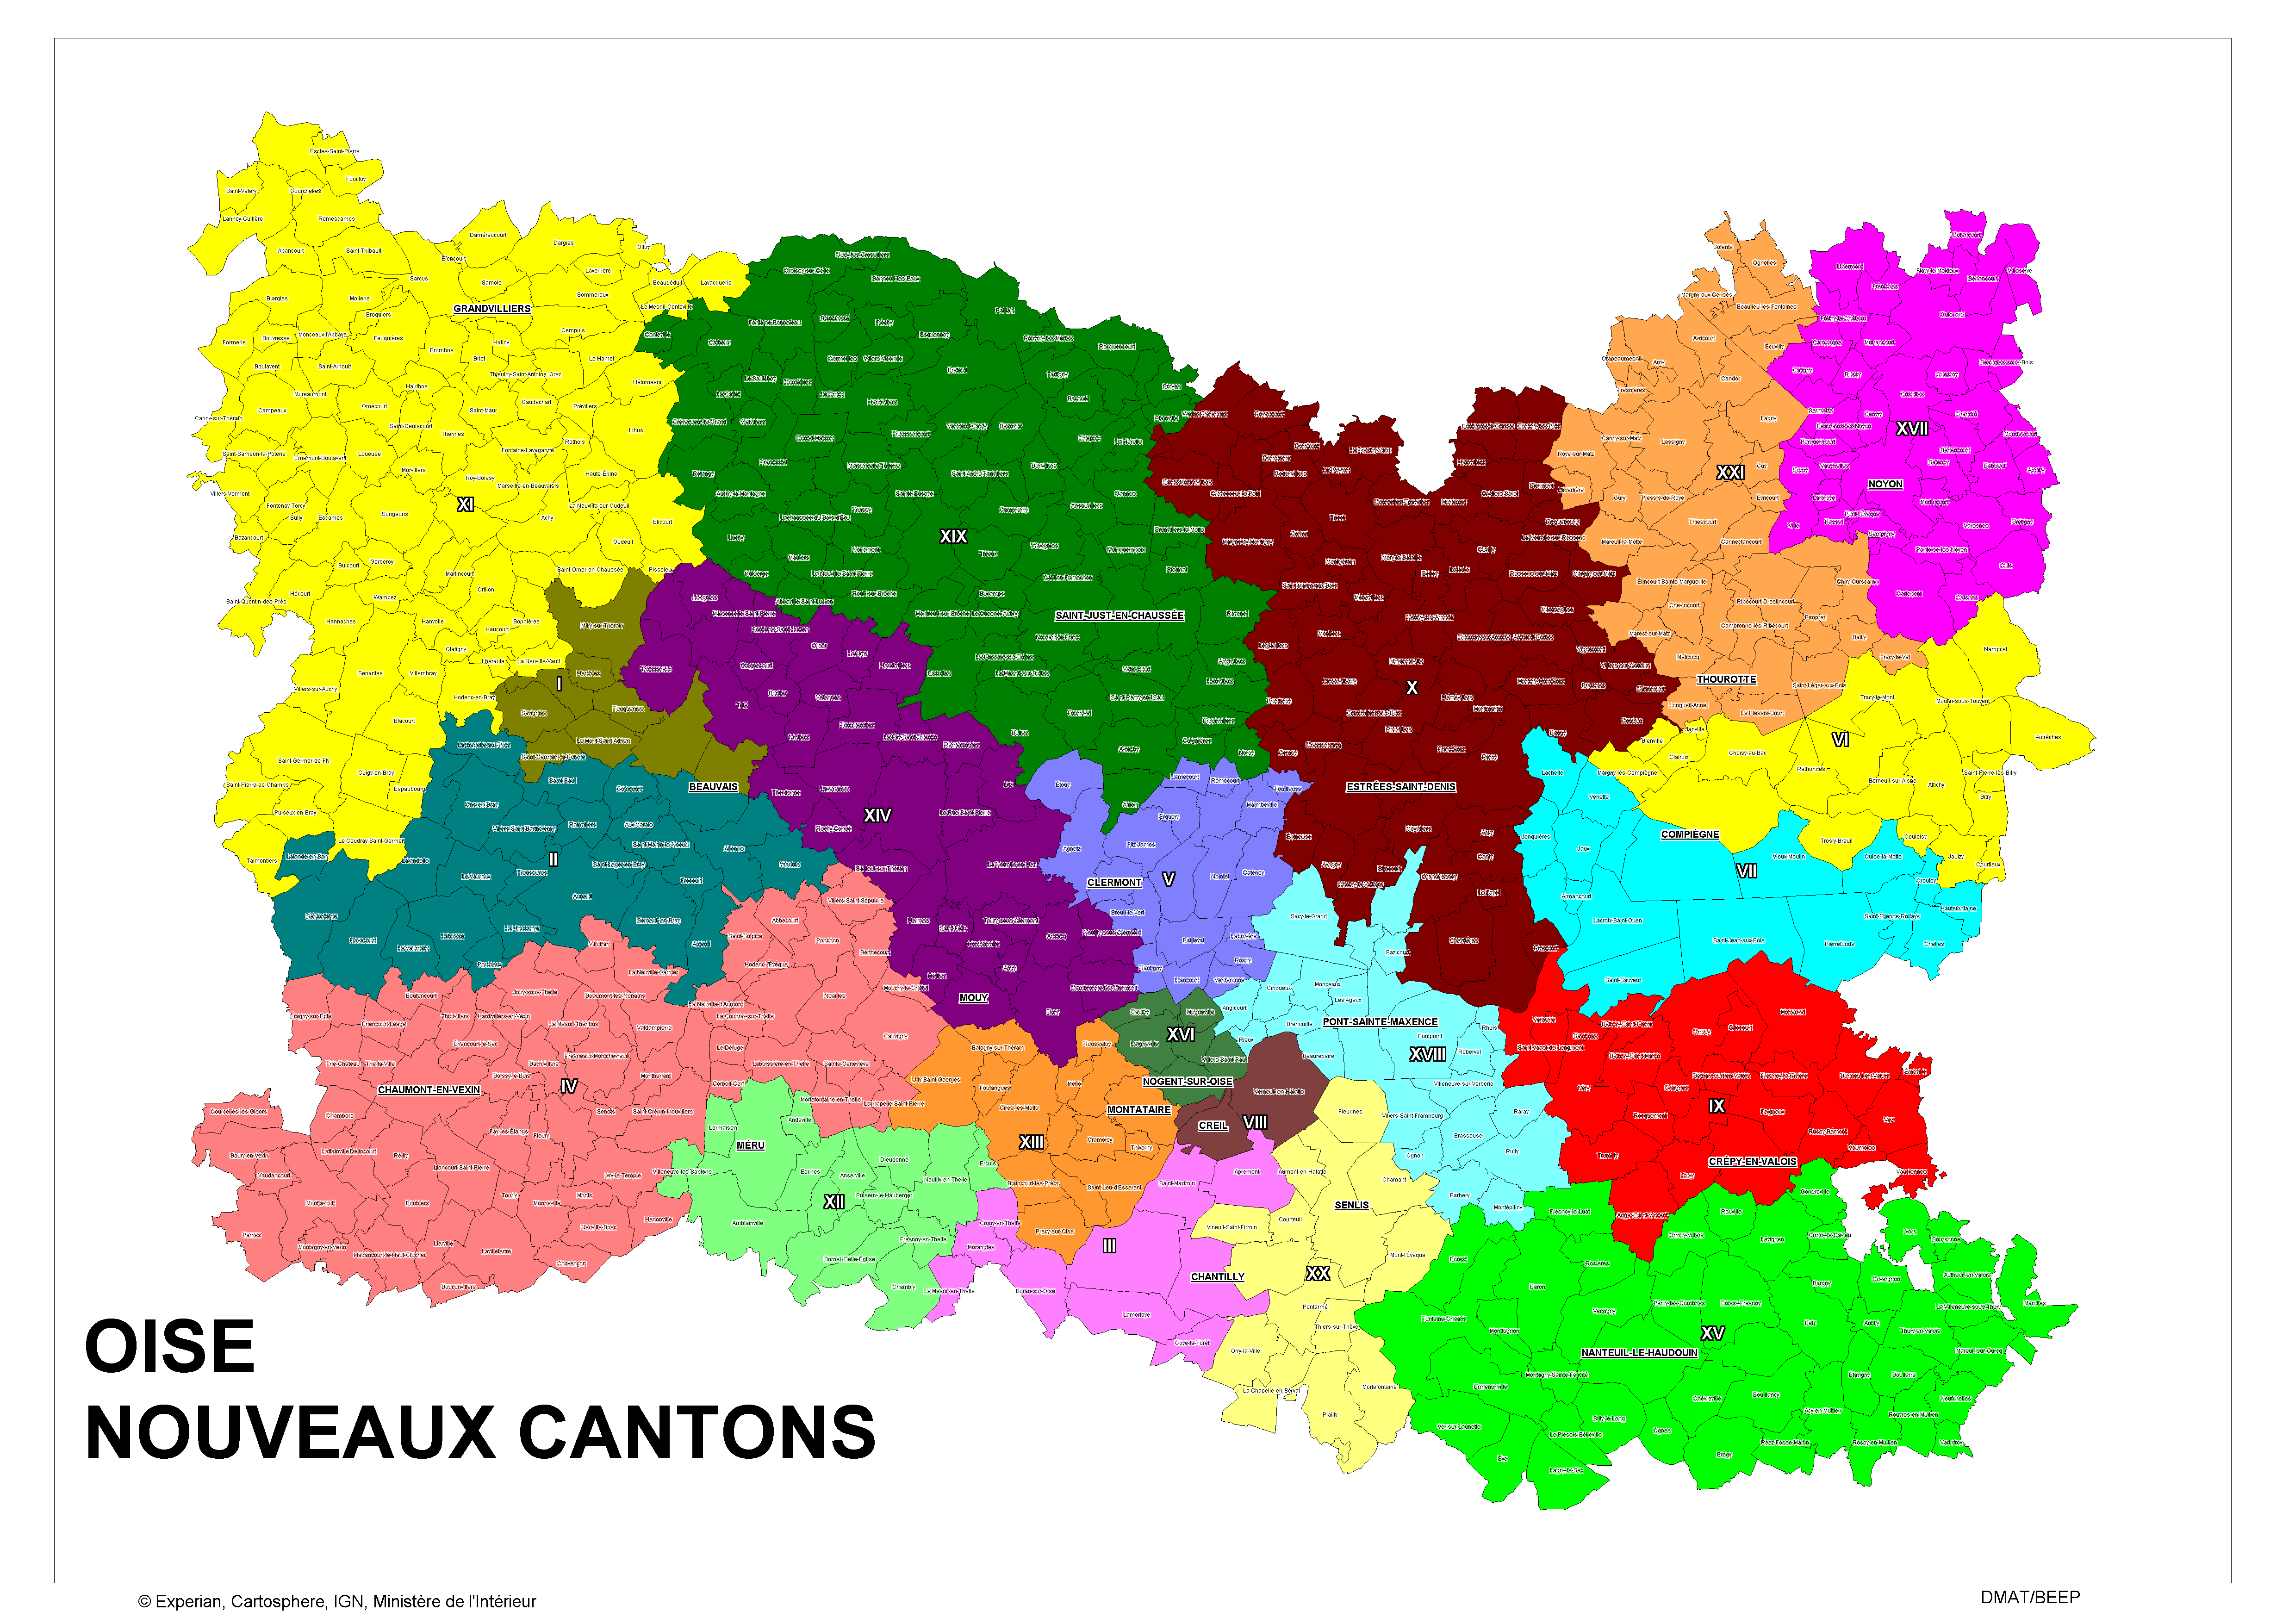 oise-nouveaux-cantons-2013-2014-grand